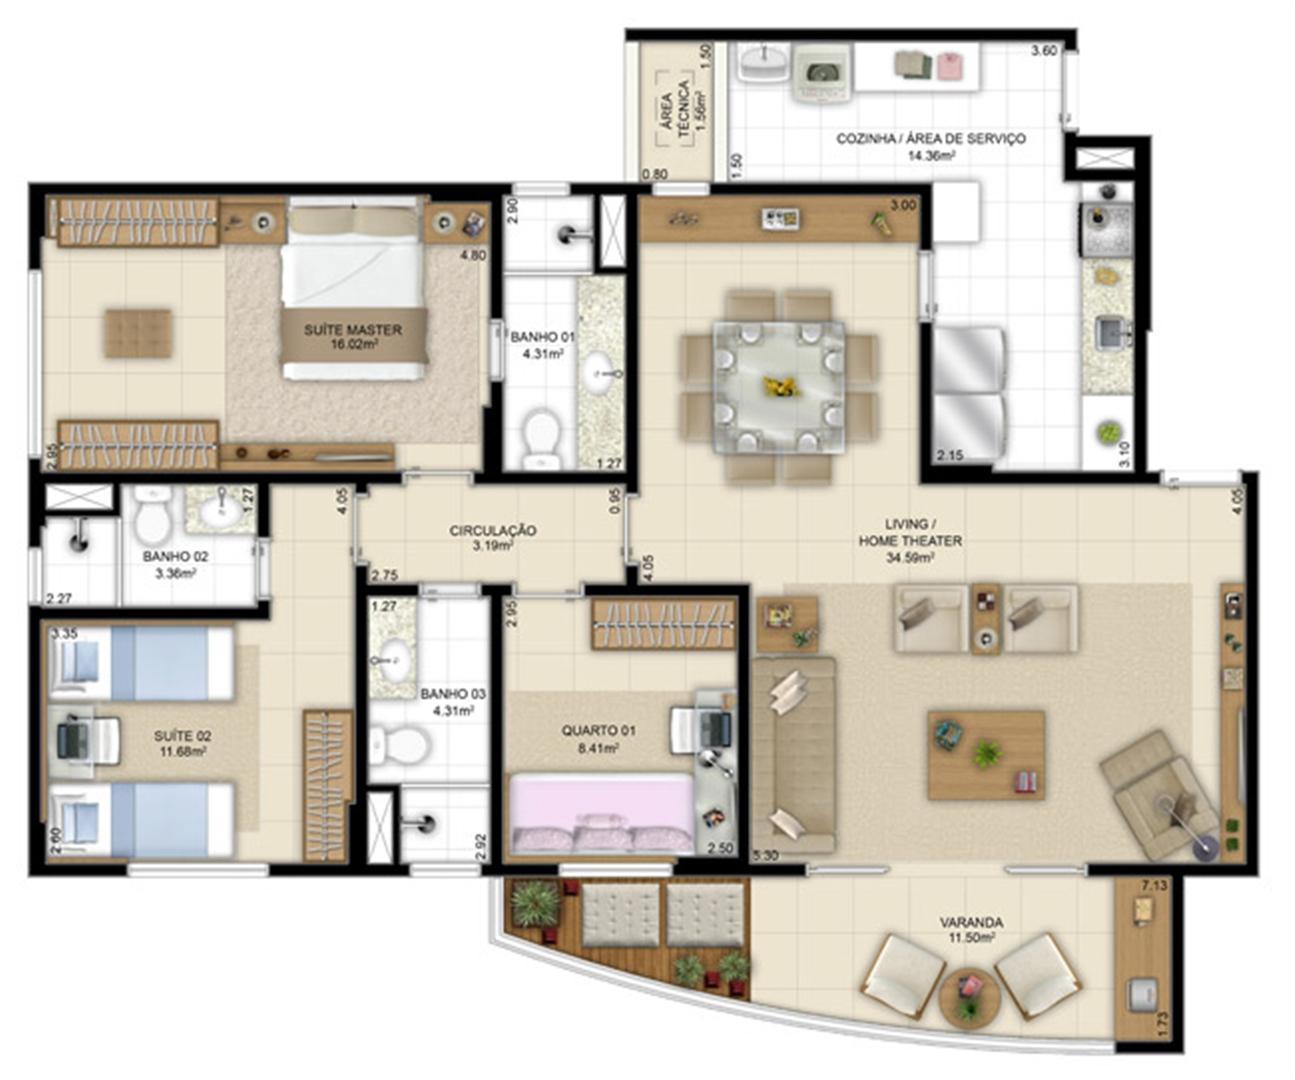 Planta opção com living ampliado 113m²   Jardim de Andaluzia – Apartamento em  Altos do Calhau - São Luís - Maranhão